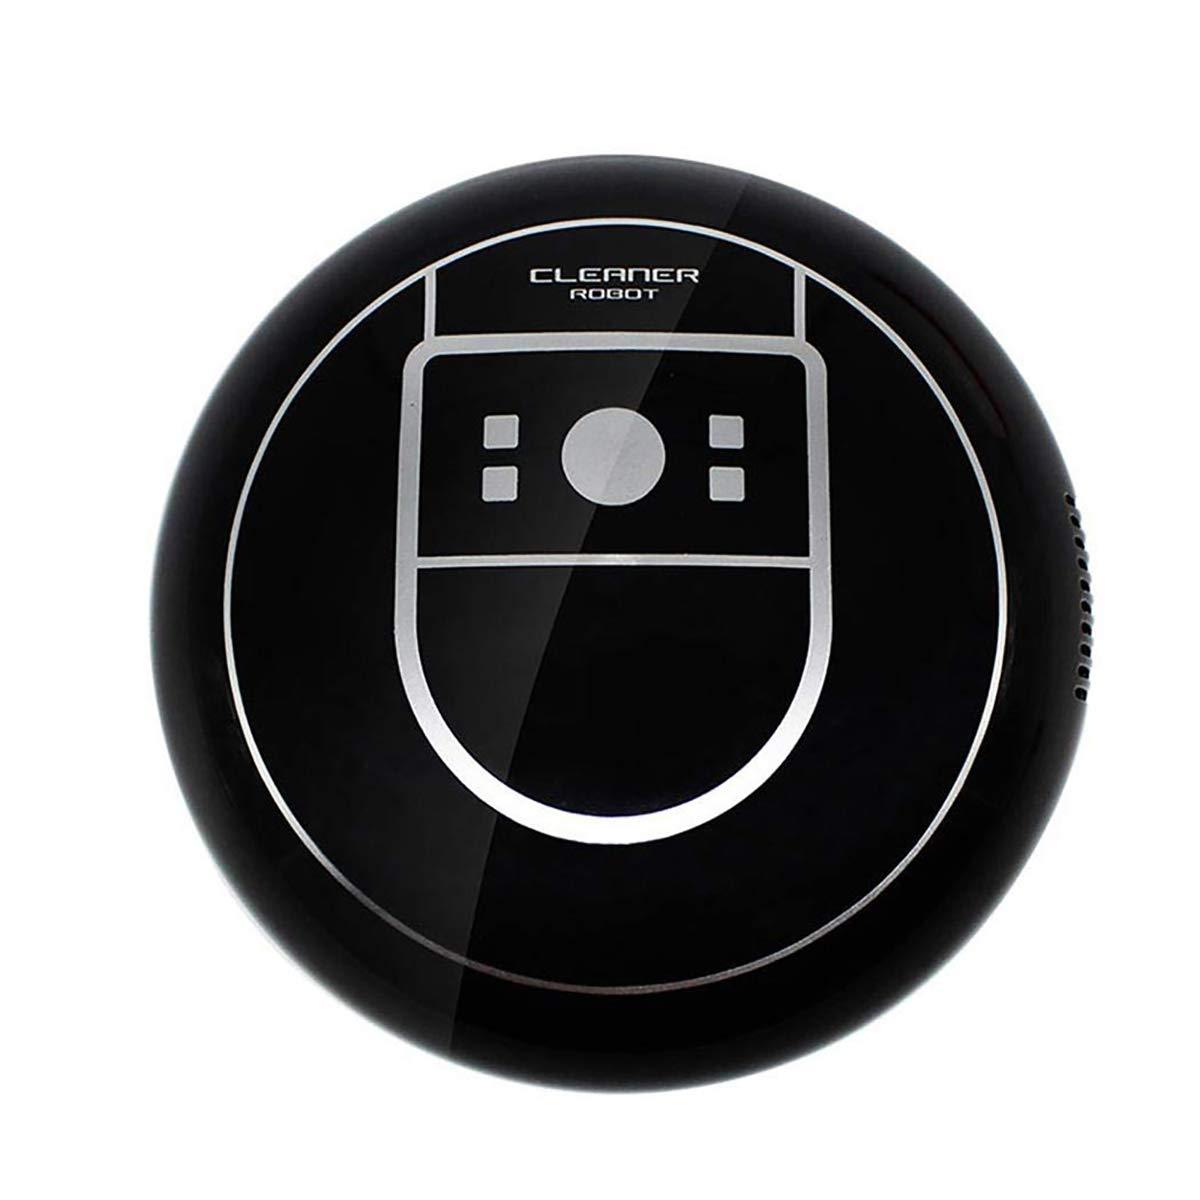 Robot Aspirador y Fregasuelos,Zeerkeer Aspira y Friega Aspiradora con Sensores Barre, aspira, friega y Pasa la mopa, Especial Mascotas, para Suelos Duros y Alfombras (Negro): Amazon.es: Hogar